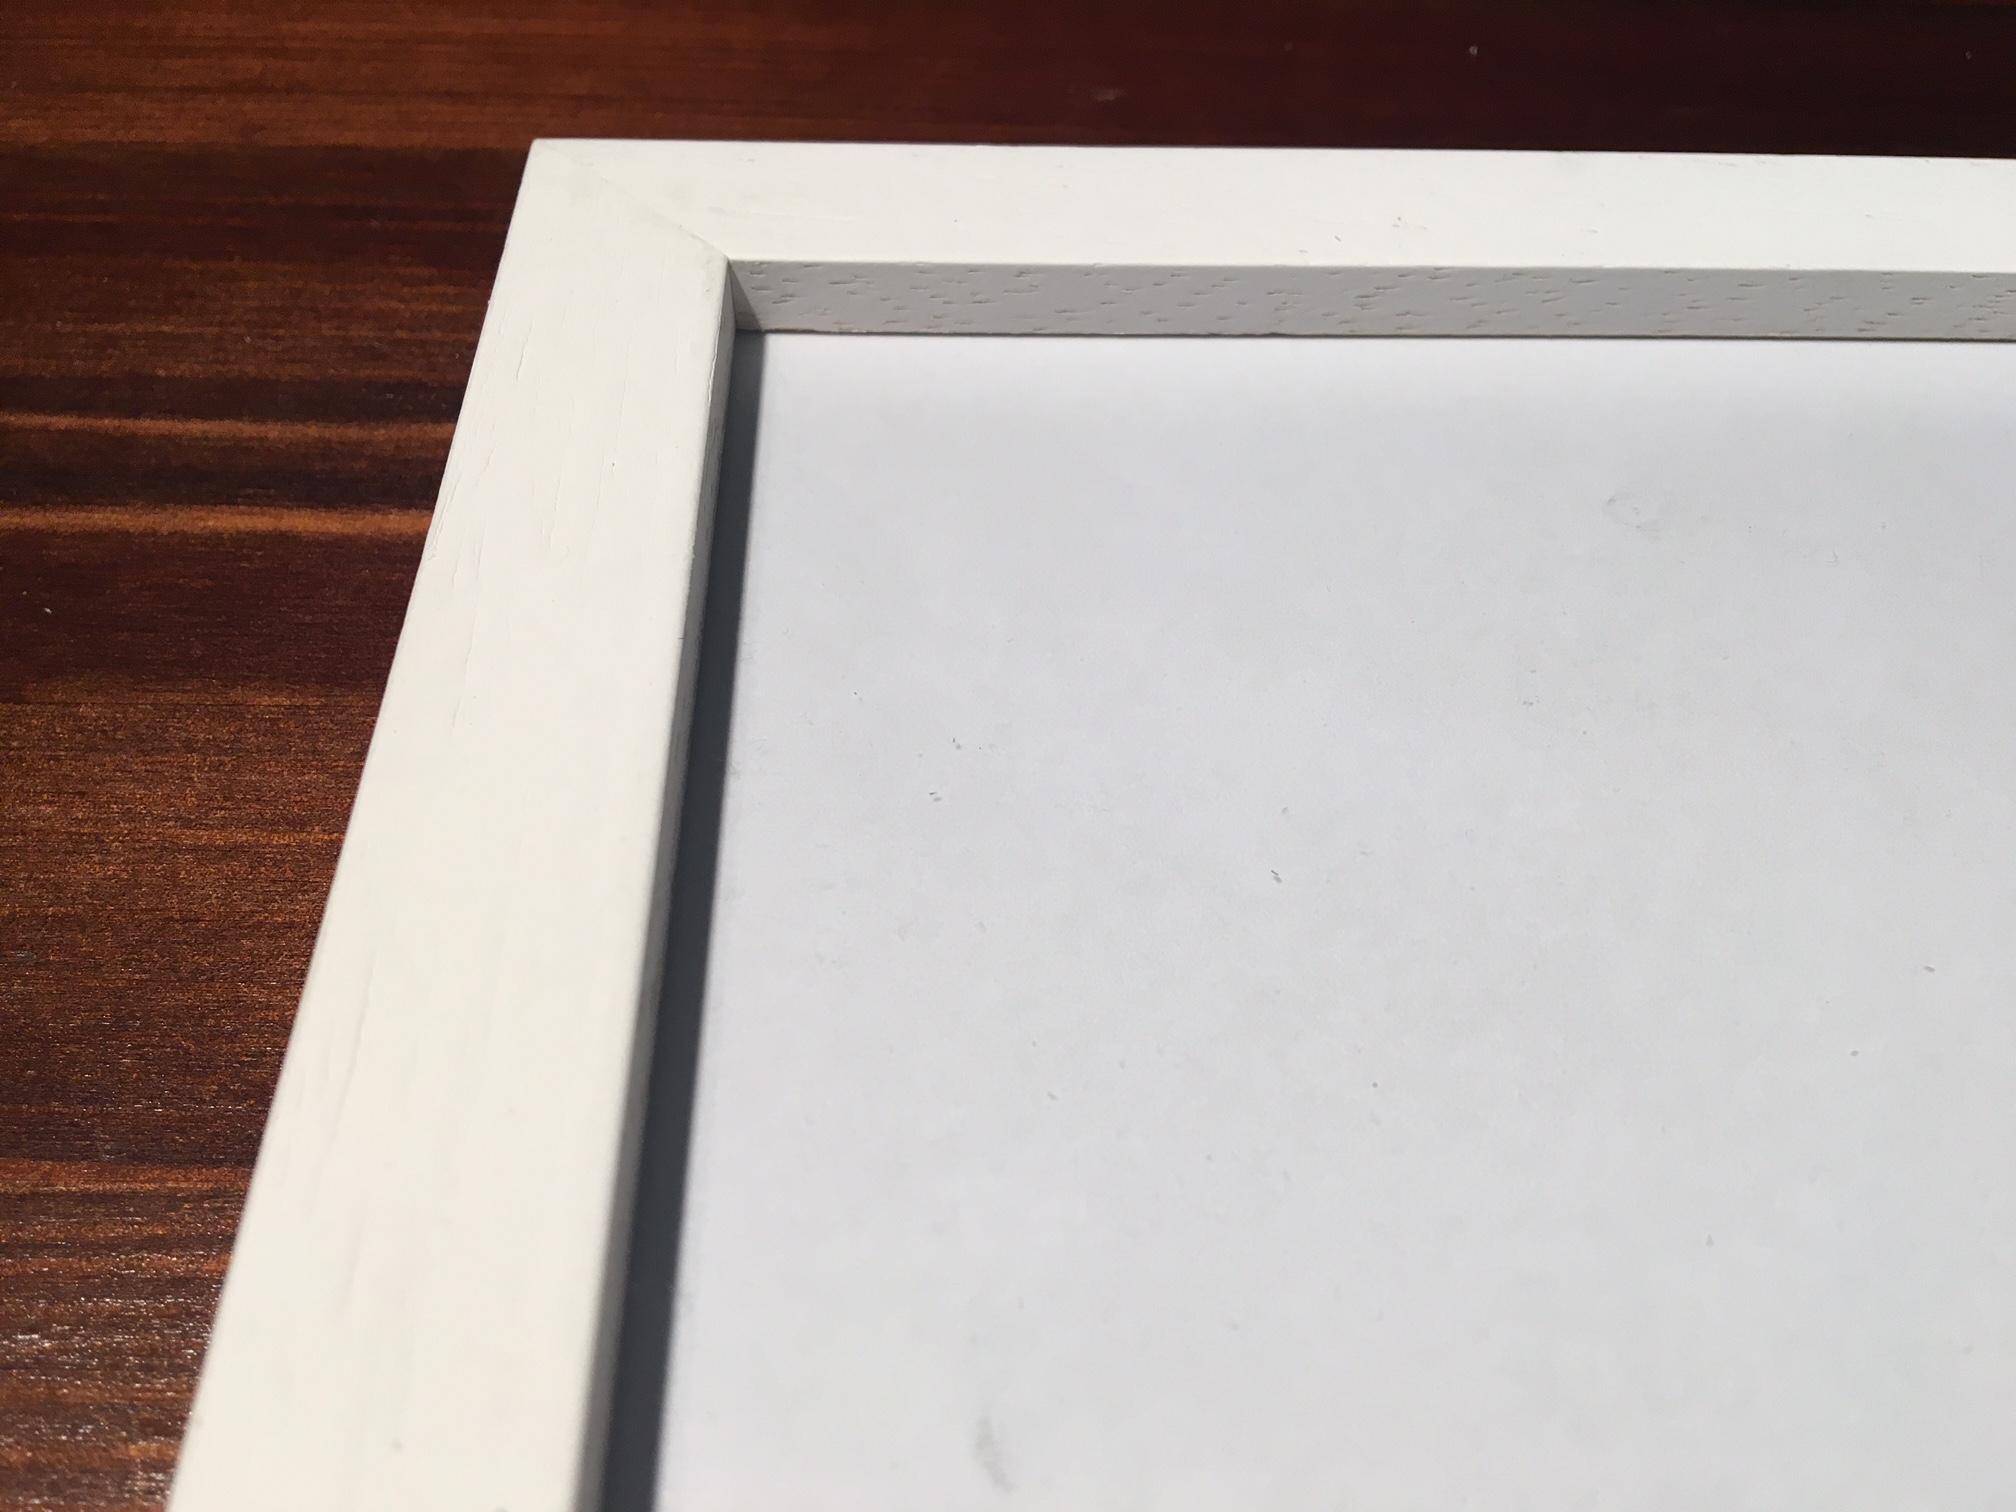 bilderrahmen weiss 20x60cm 20x60cm nach gr en rahmen mein wunschbild. Black Bedroom Furniture Sets. Home Design Ideas